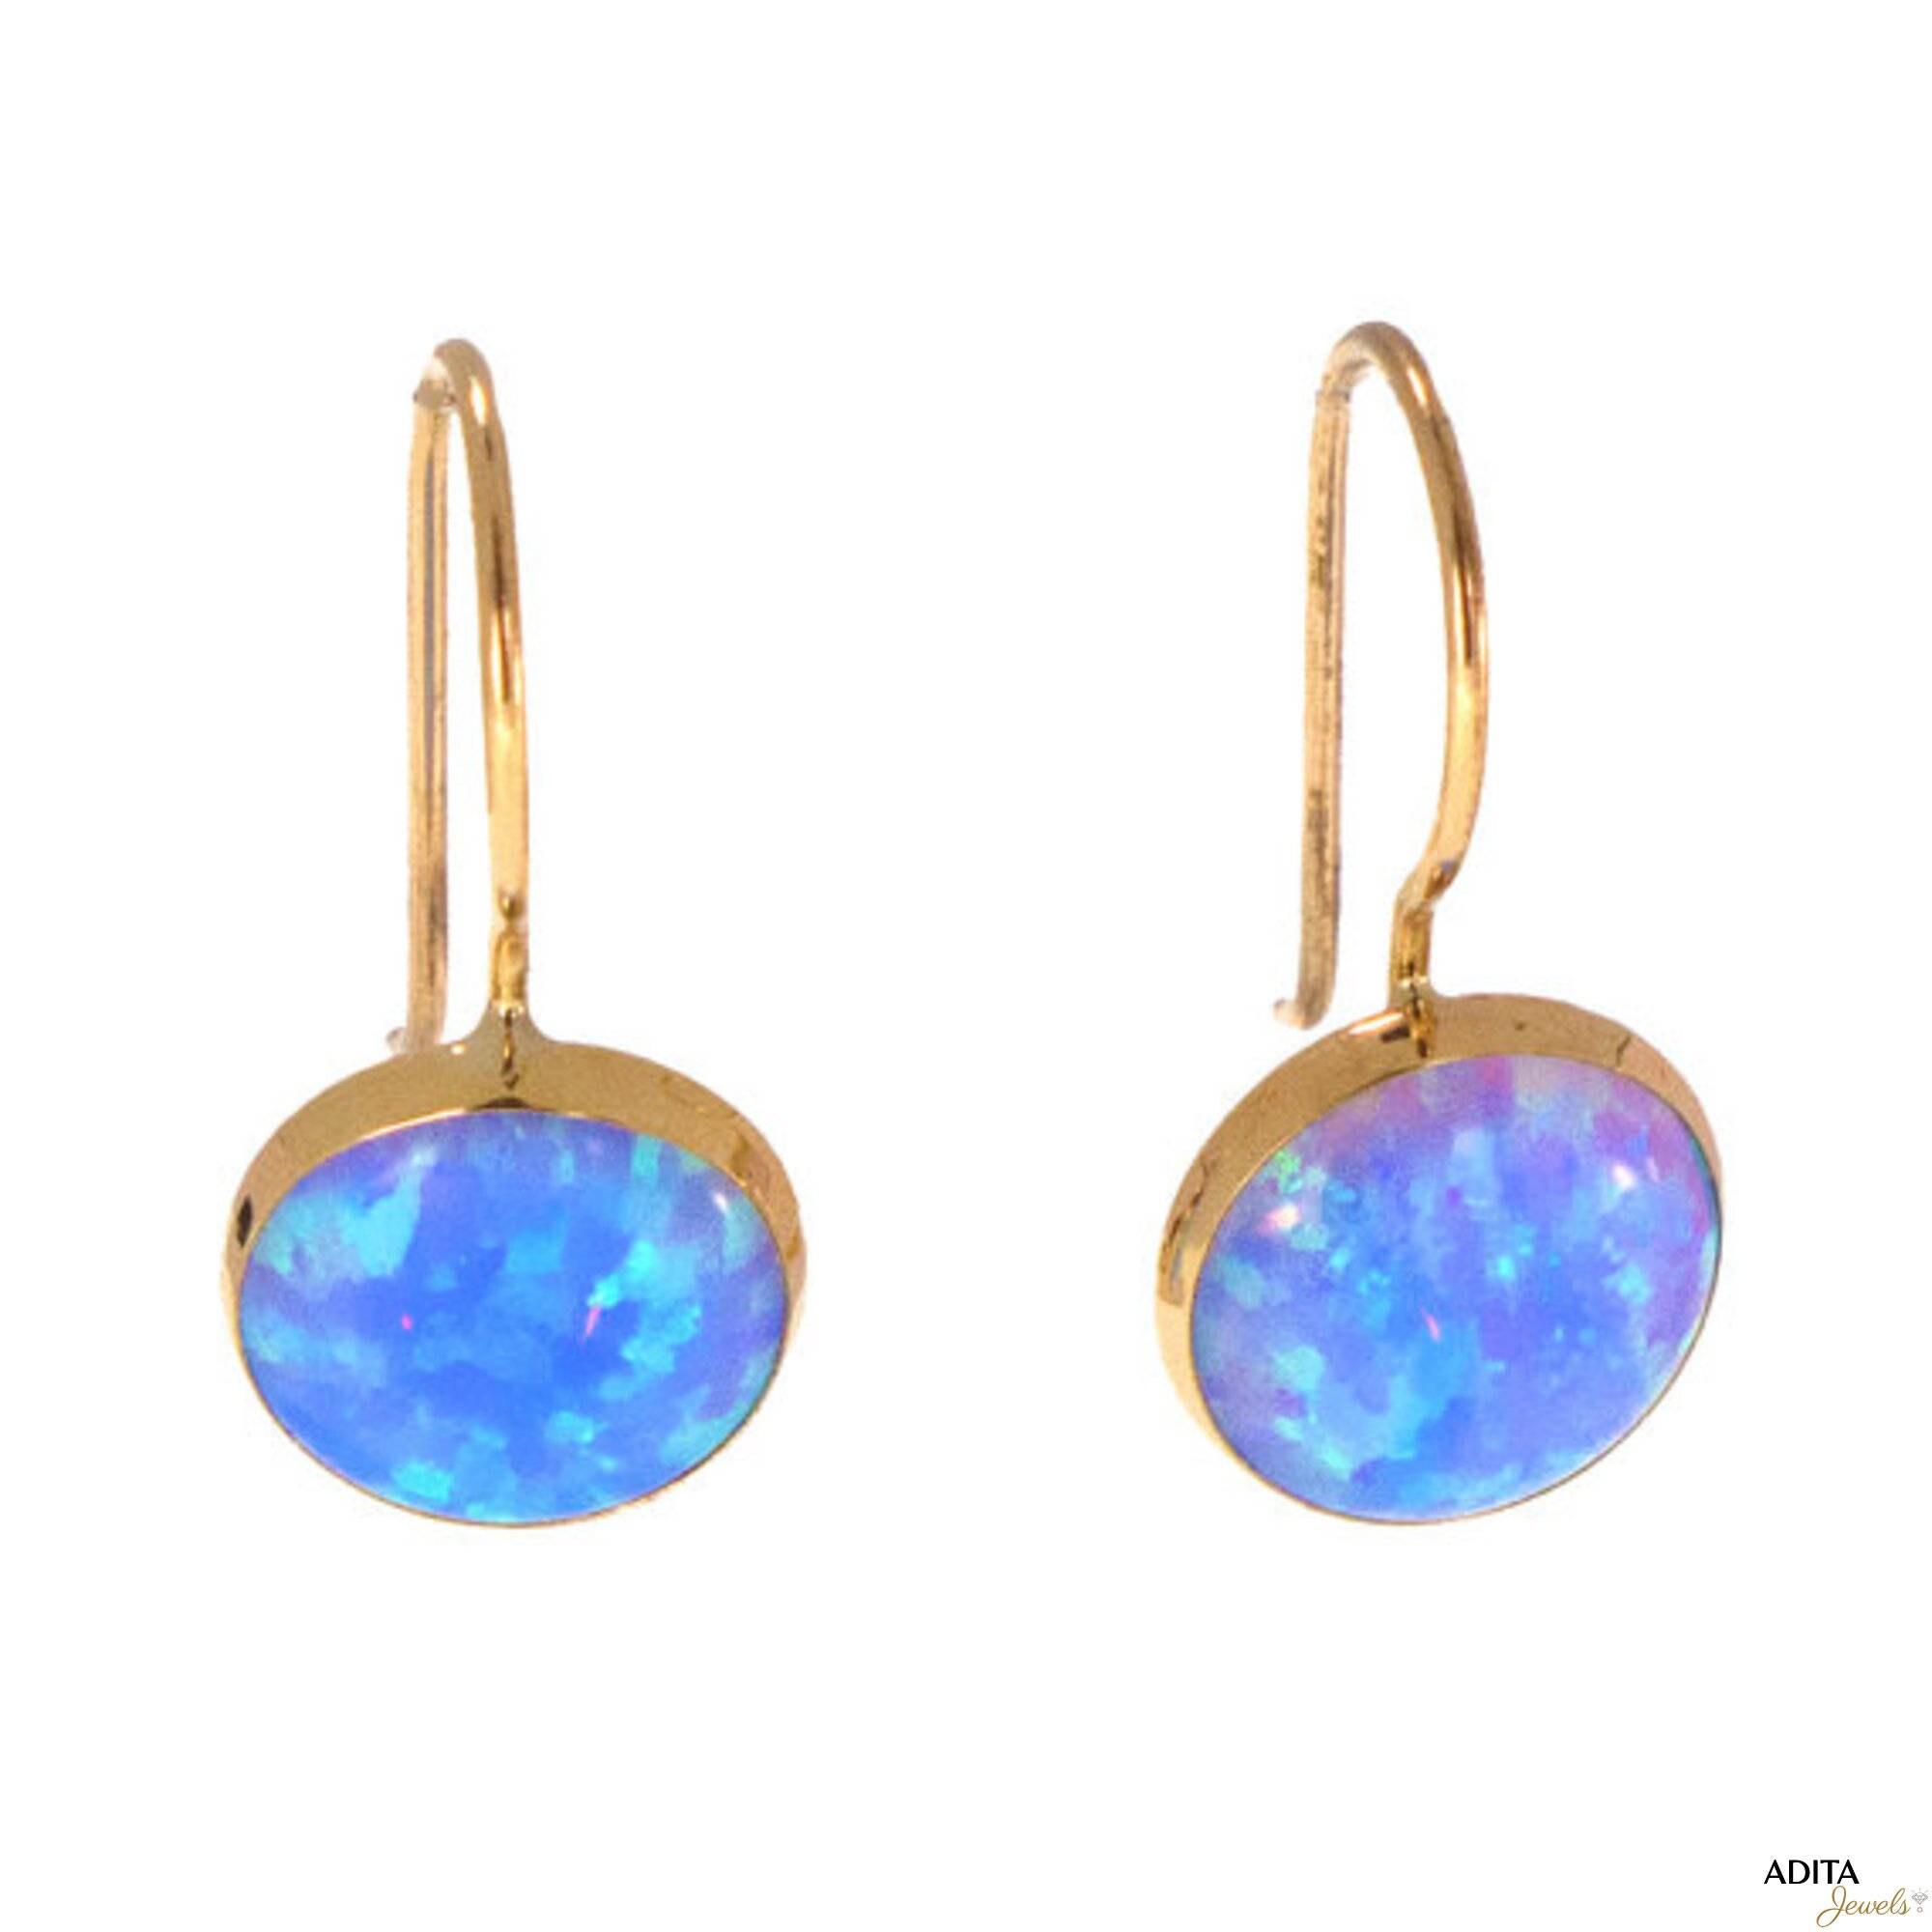 blue opal earrings gemstone earrings opal jewelry 14k gold. Black Bedroom Furniture Sets. Home Design Ideas